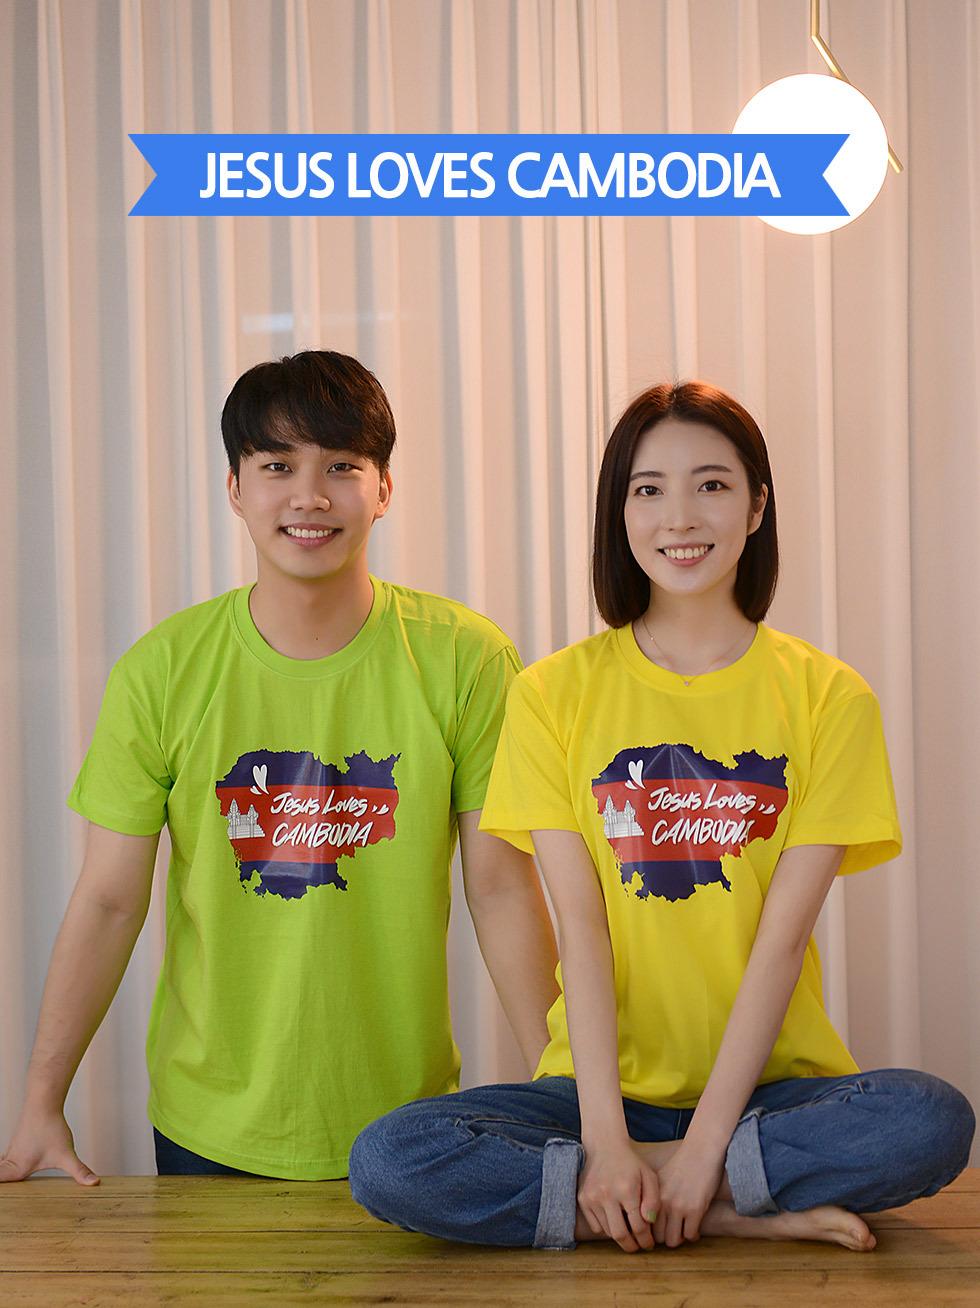 교회 단체티셔츠 캄보디아 선교티 (Jesus loves Cambodia) - 미션트립 단체 성인티셔츠(캄보디아 선교)